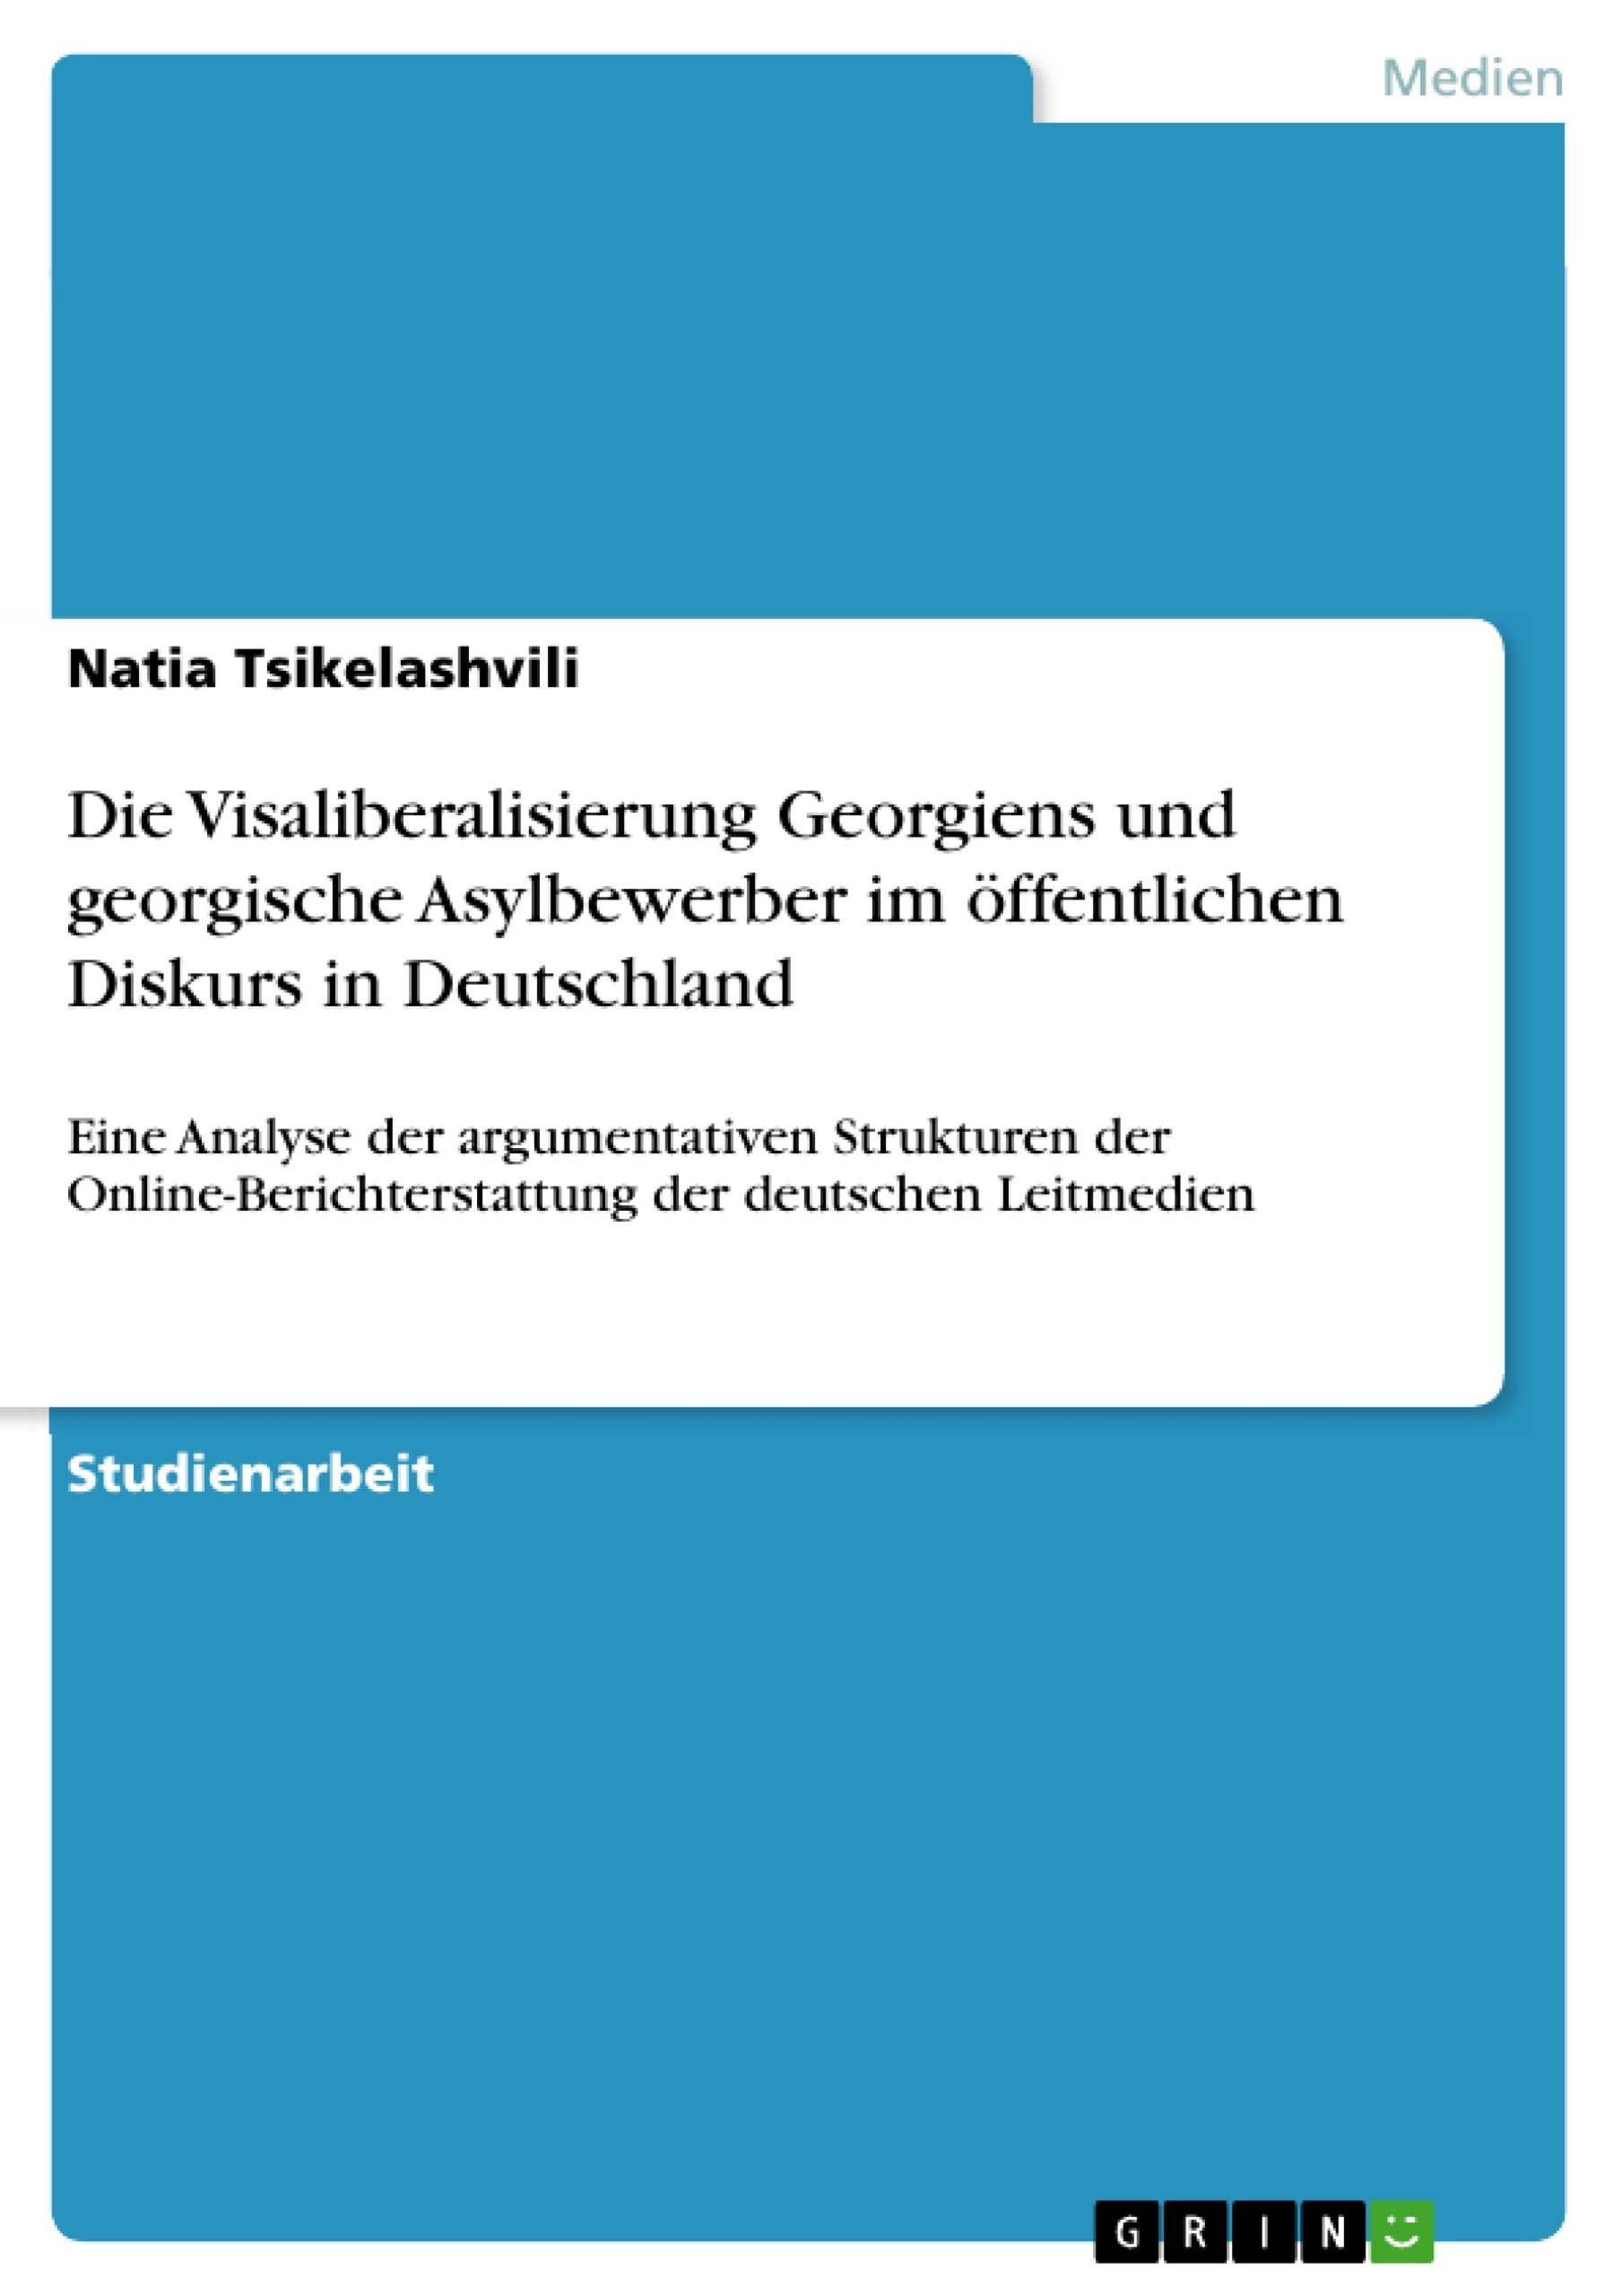 Titel: Die Visaliberalisierung Georgiens und georgische Asylbewerber im öffentlichen Diskurs in Deutschland